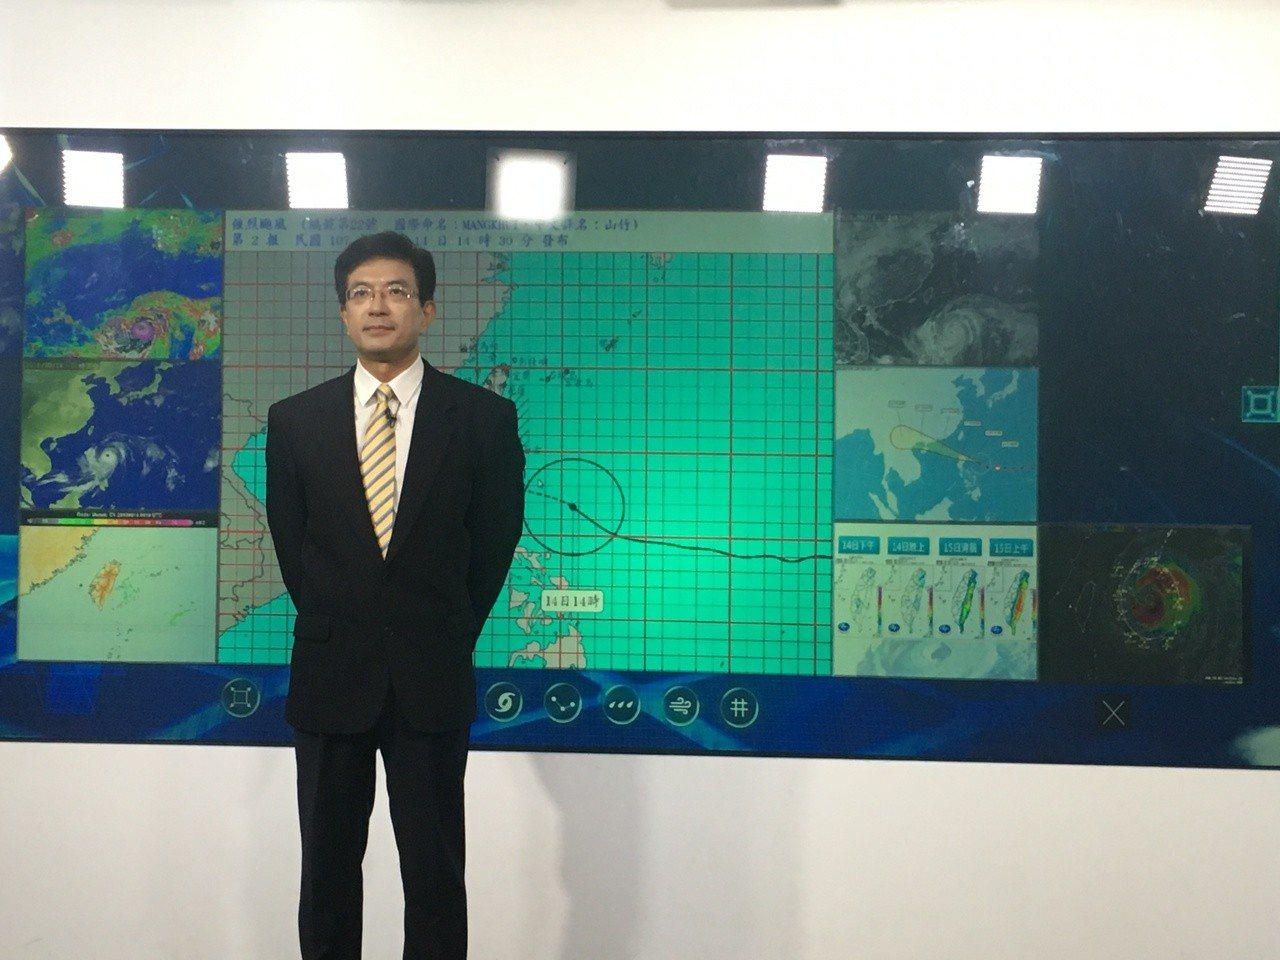 中央氣象局第一組防災科科長謝明昌。記者吳姿賢/攝影